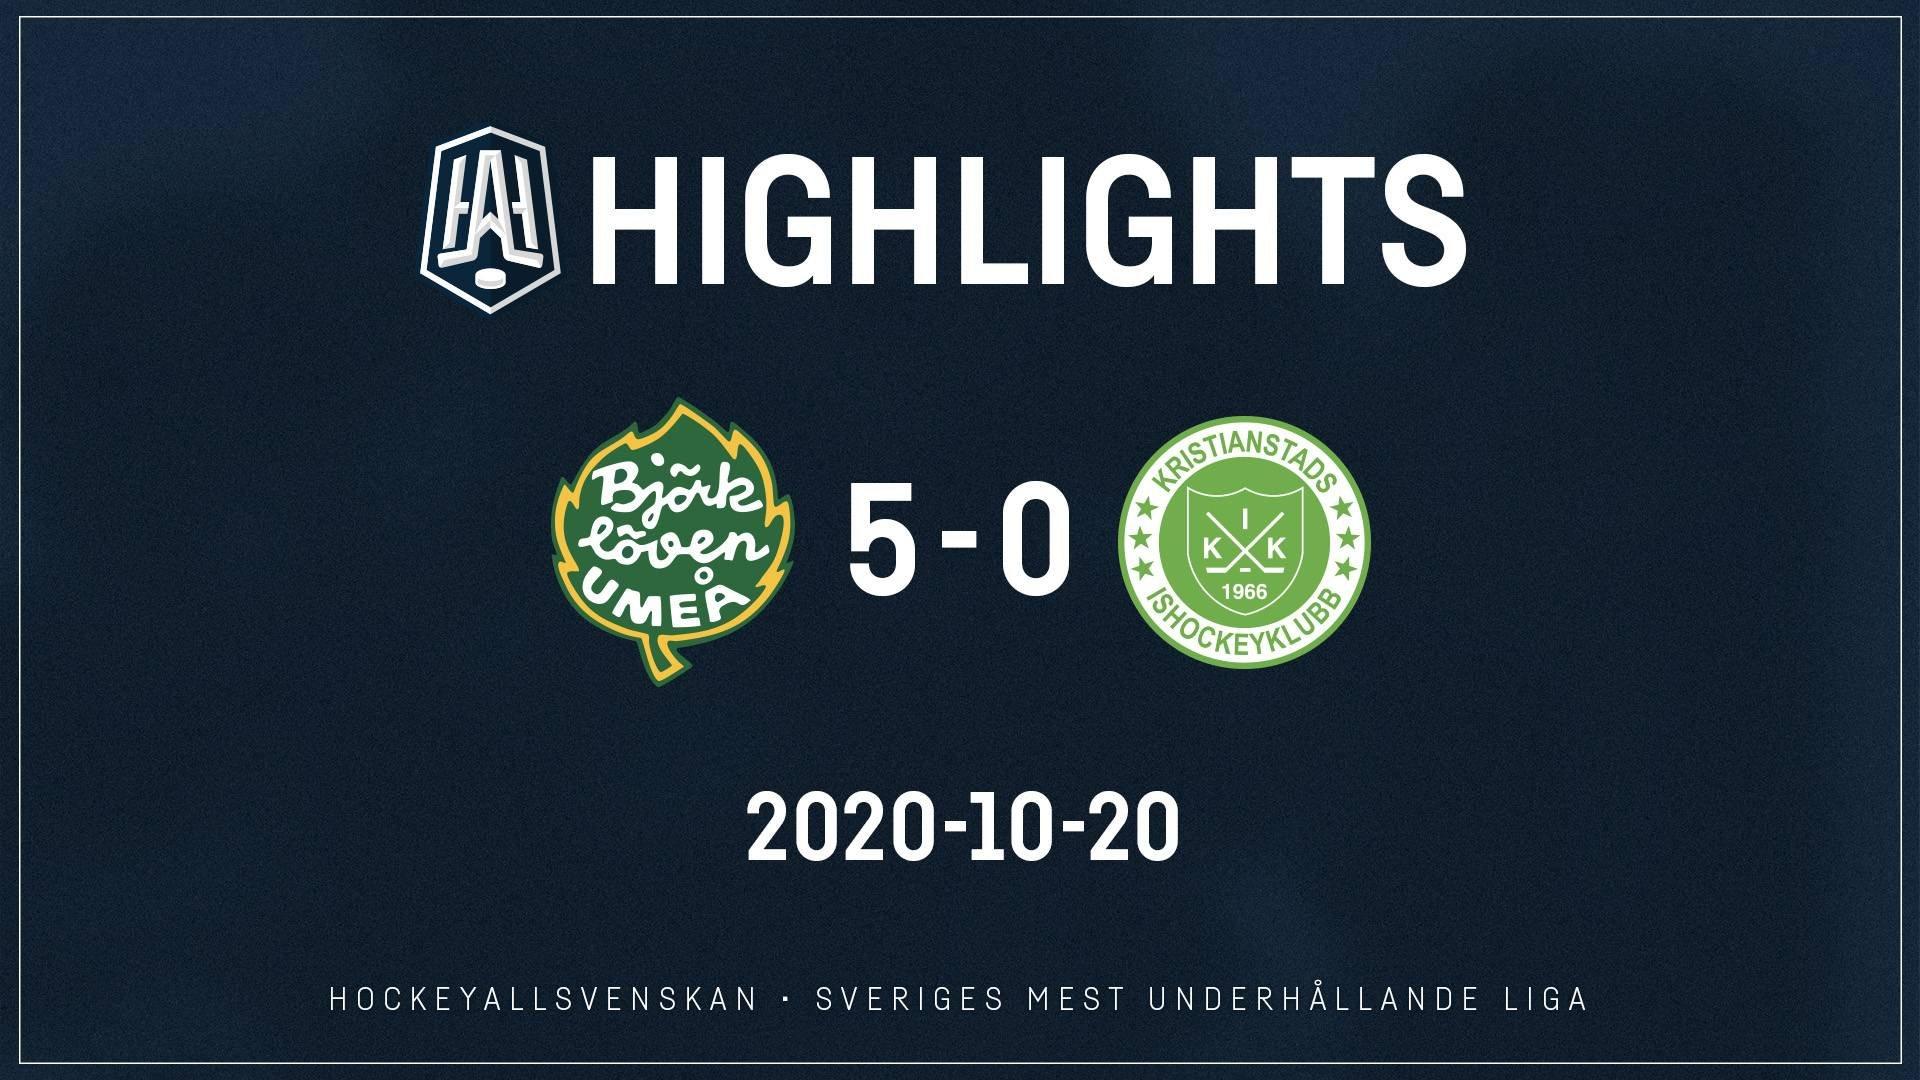 2020-10-20 Björklöven - Kristianstad 5-0